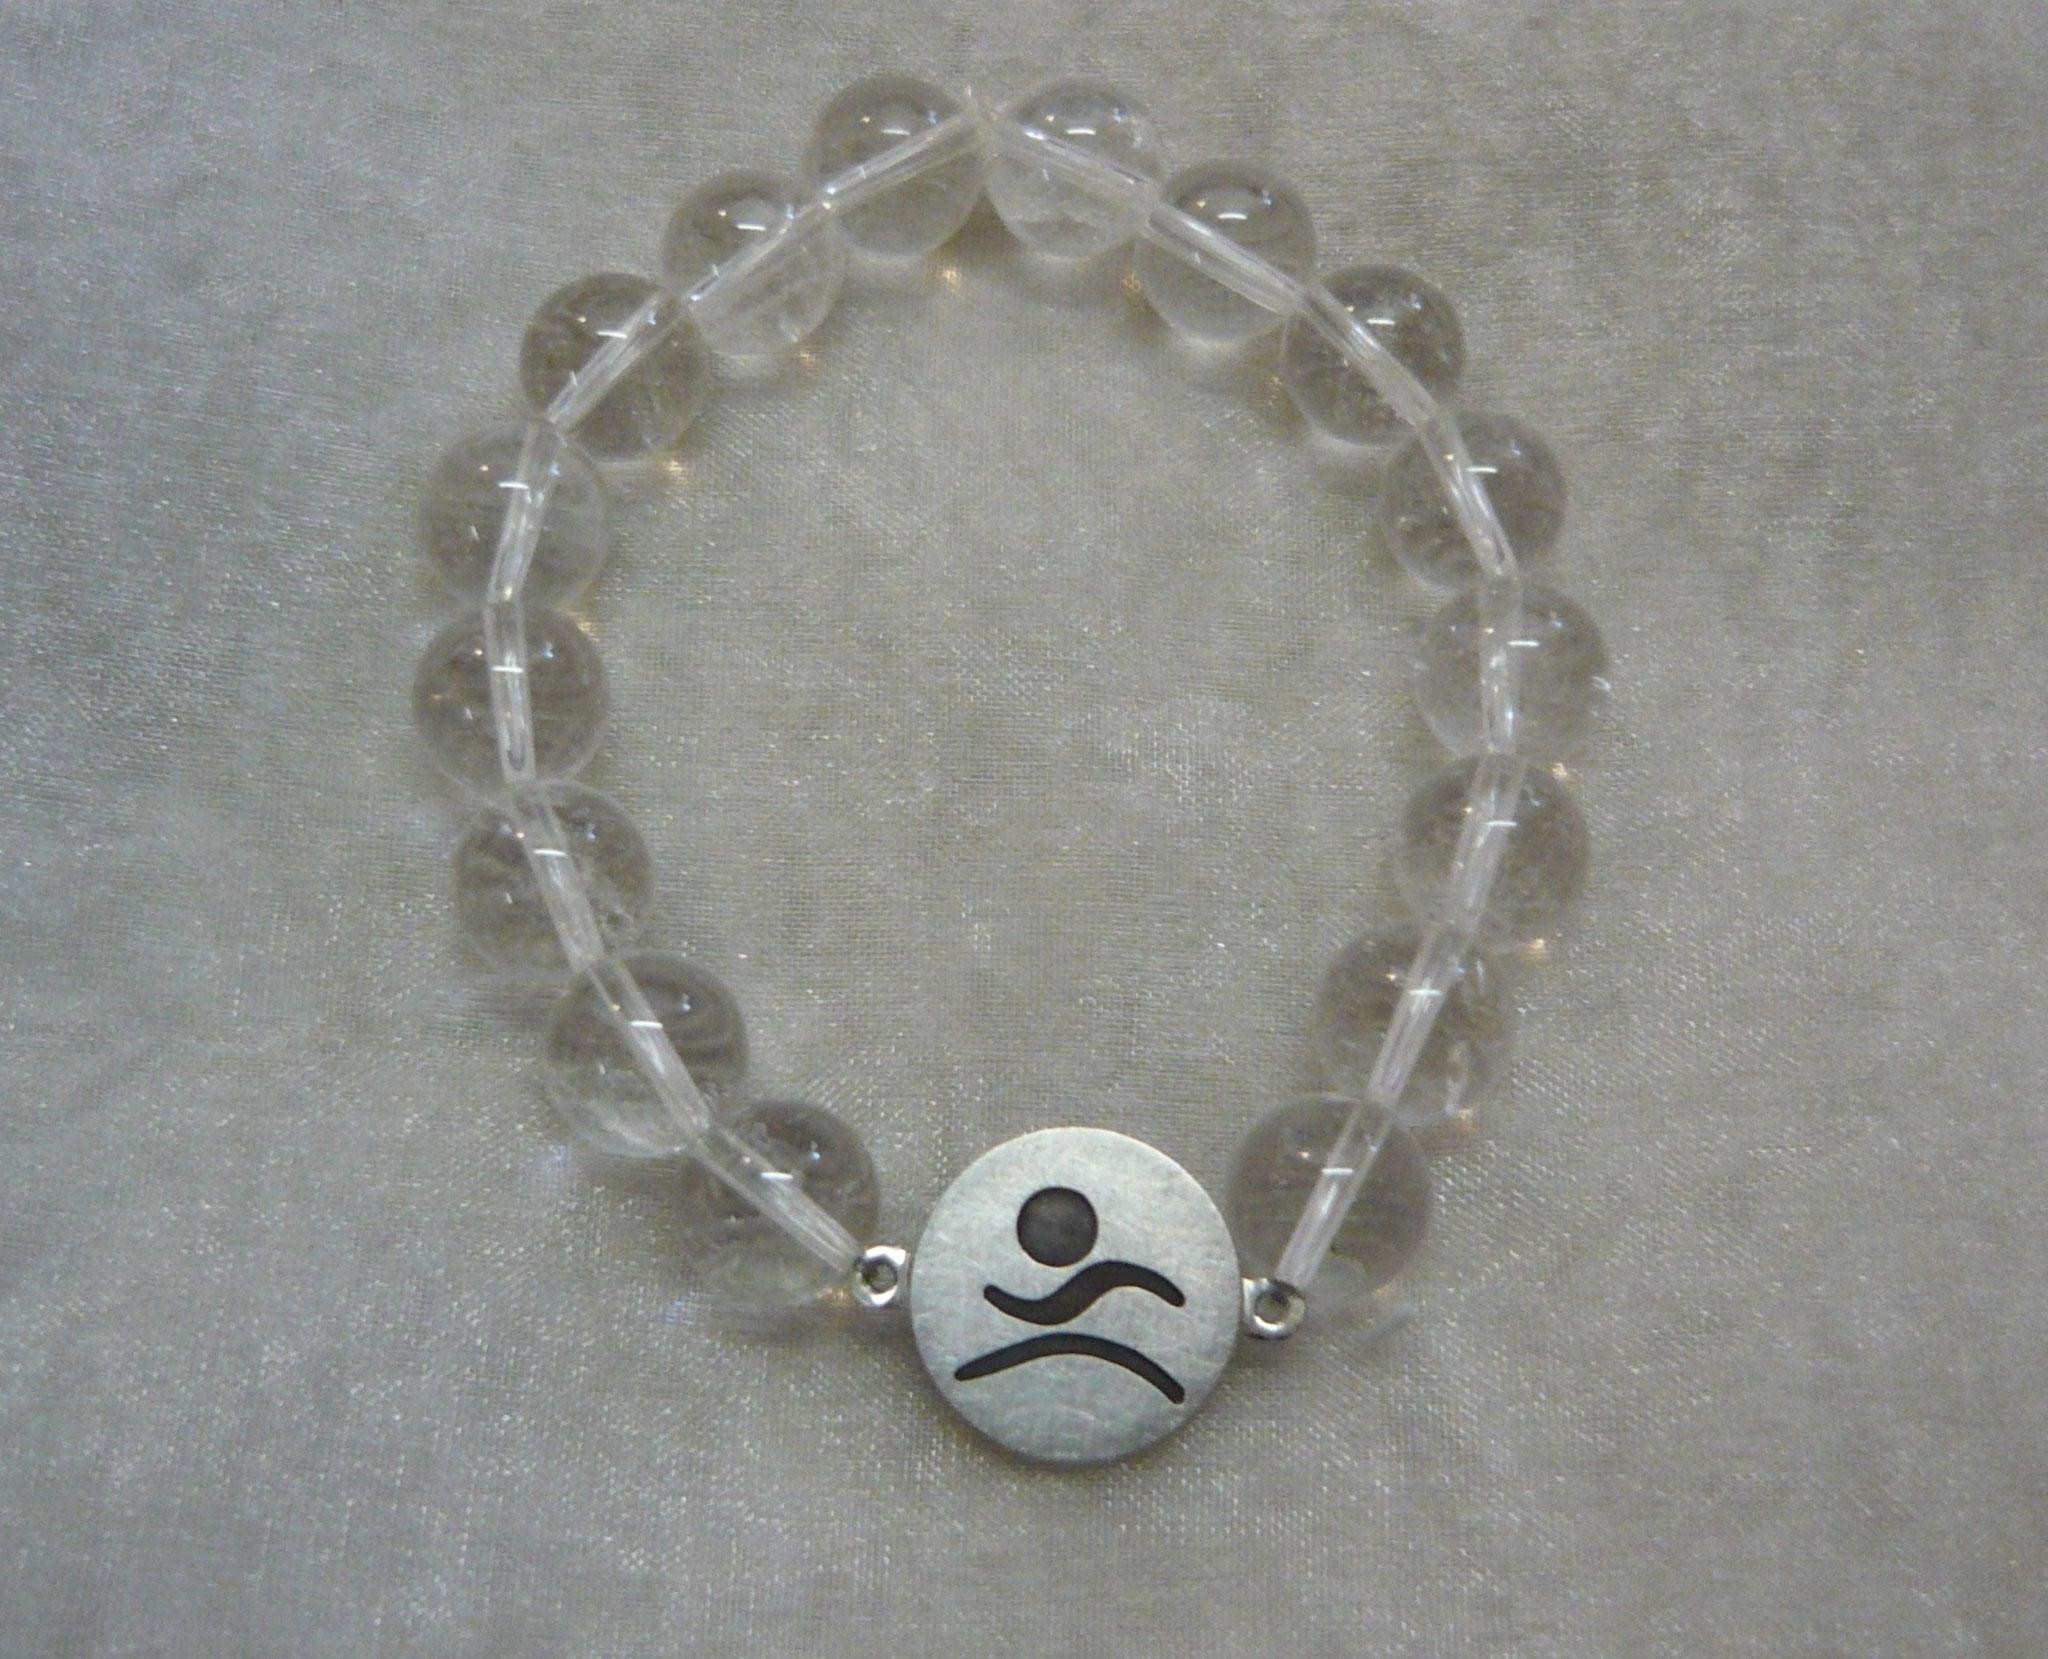 Florianer-Edelsteinarmband 925/000 Sterling-Silber, Bergkristall € 60,-